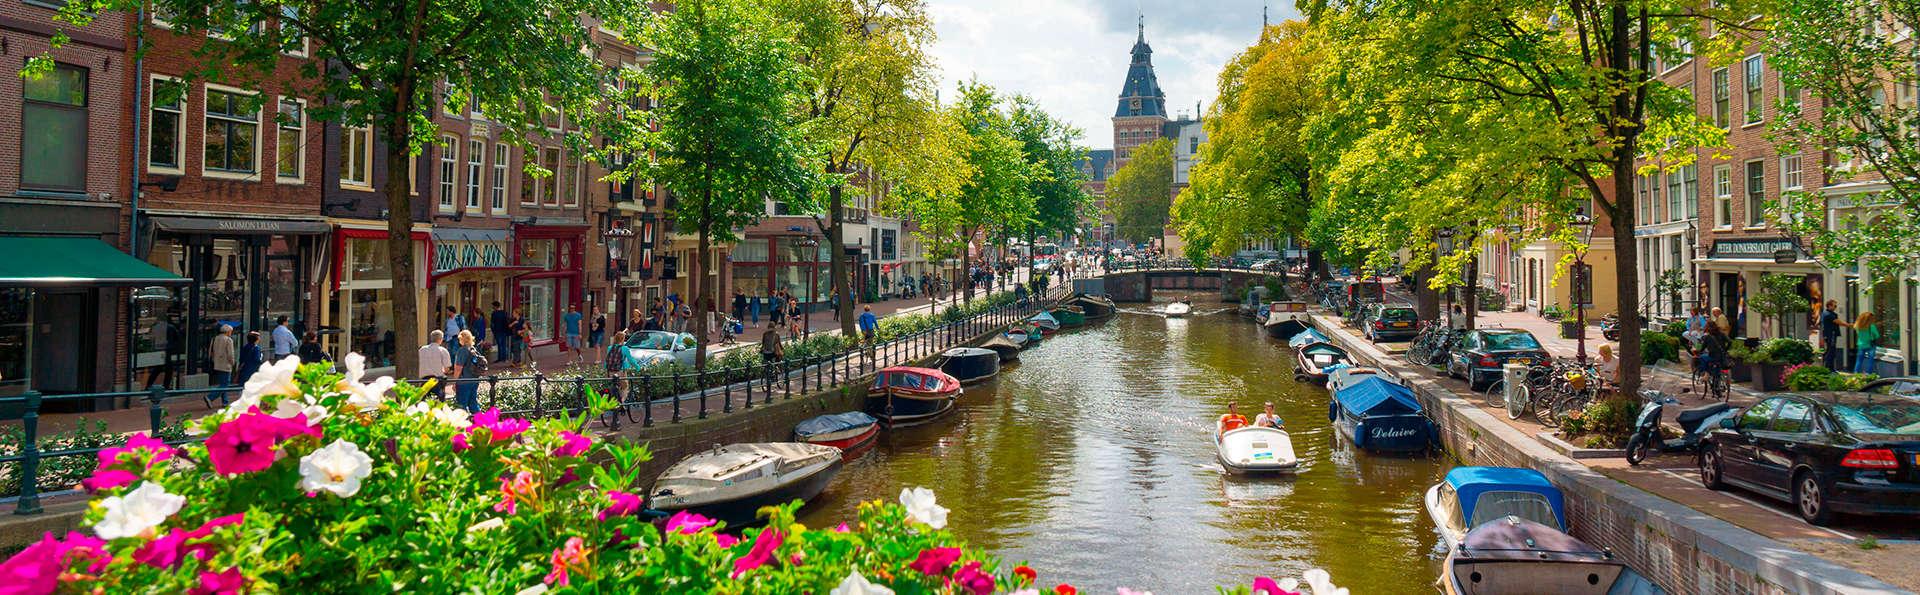 Bastion Hotel Schiphol Hoofddorp 3 Hoofddorp Pays Bas